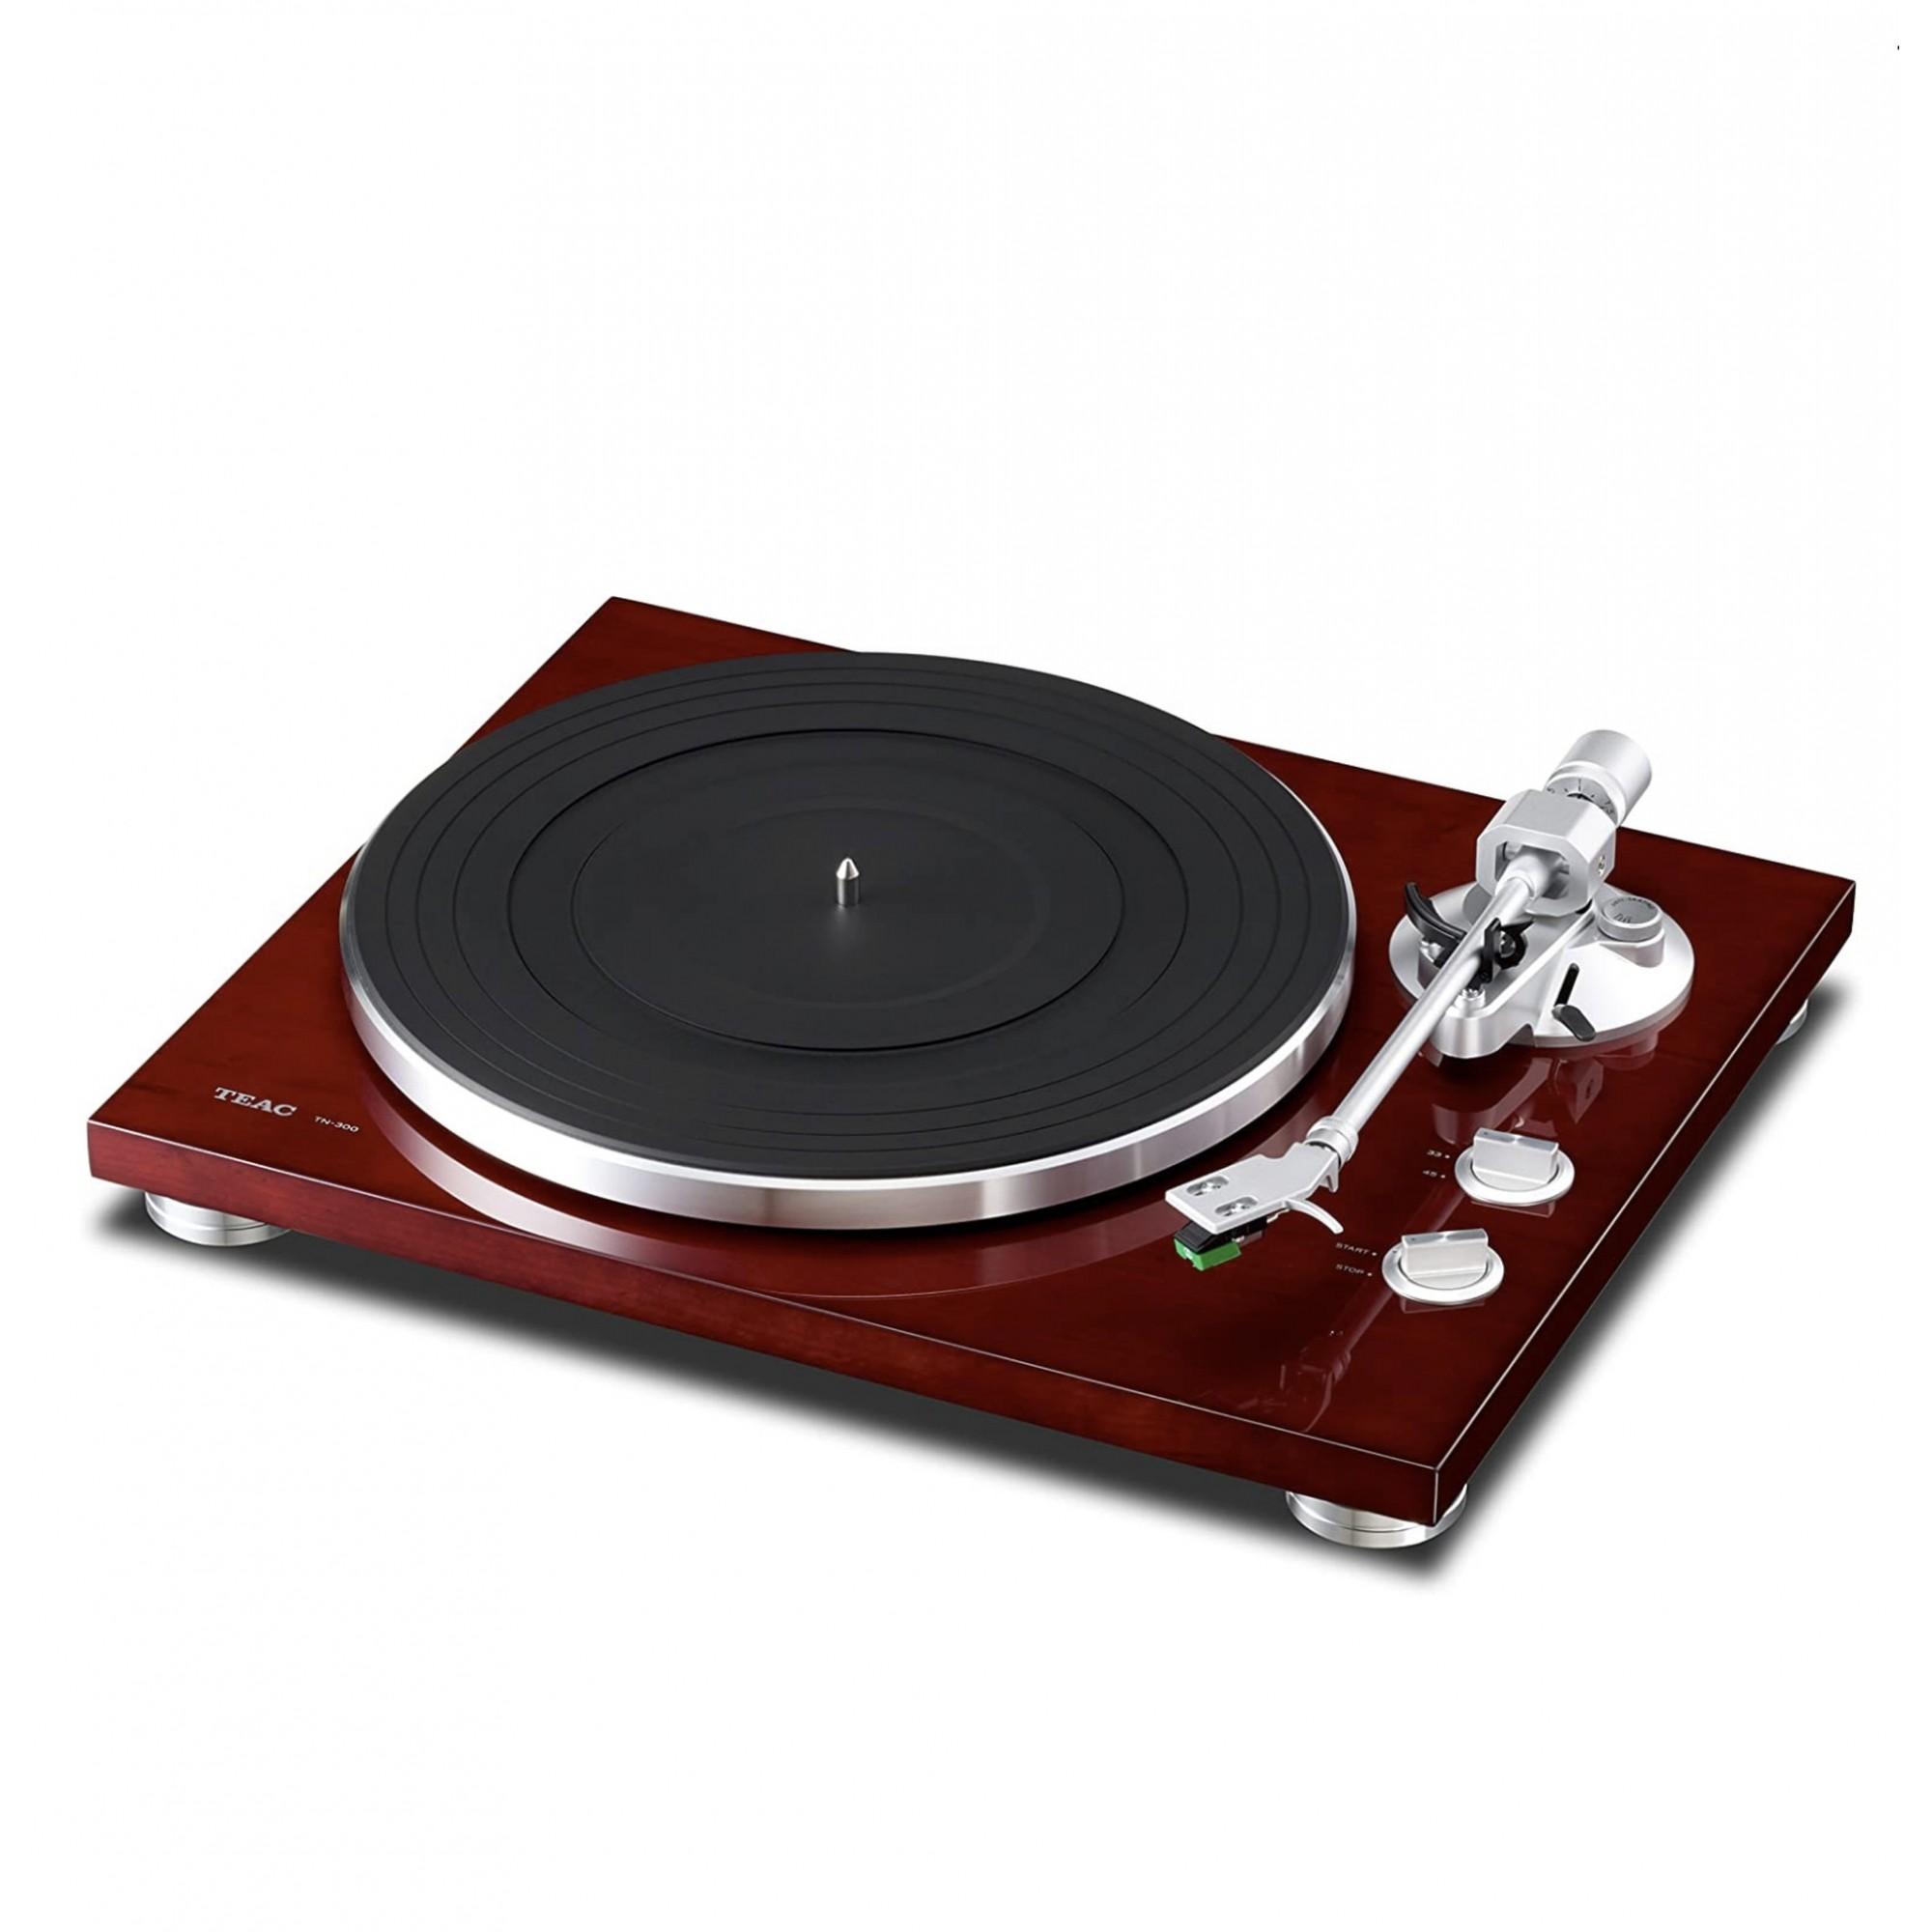 Toca Discos Teac Tn-300 Gravação Usb Cartucho Audio Technica Cherry